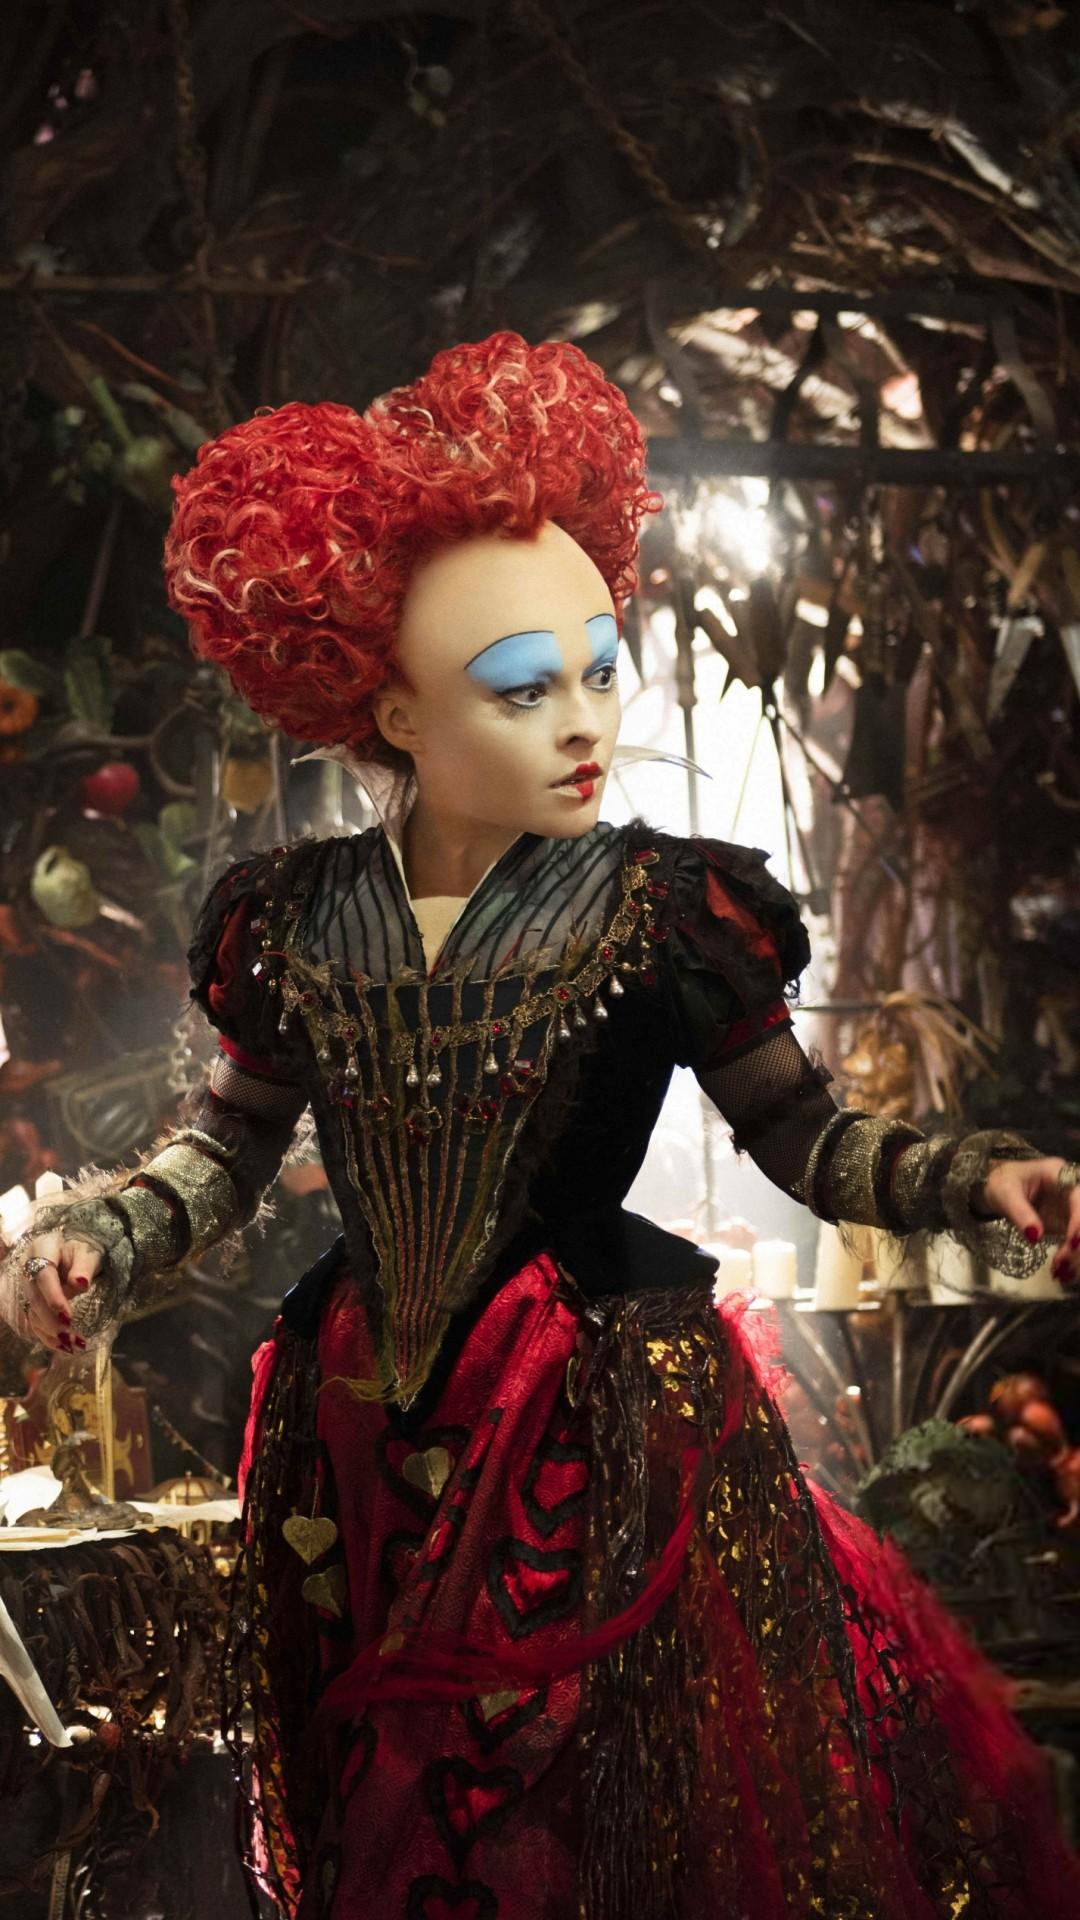 Обои Алиса в Зазеркалье, Хелена Бонэм Картер, лучшие